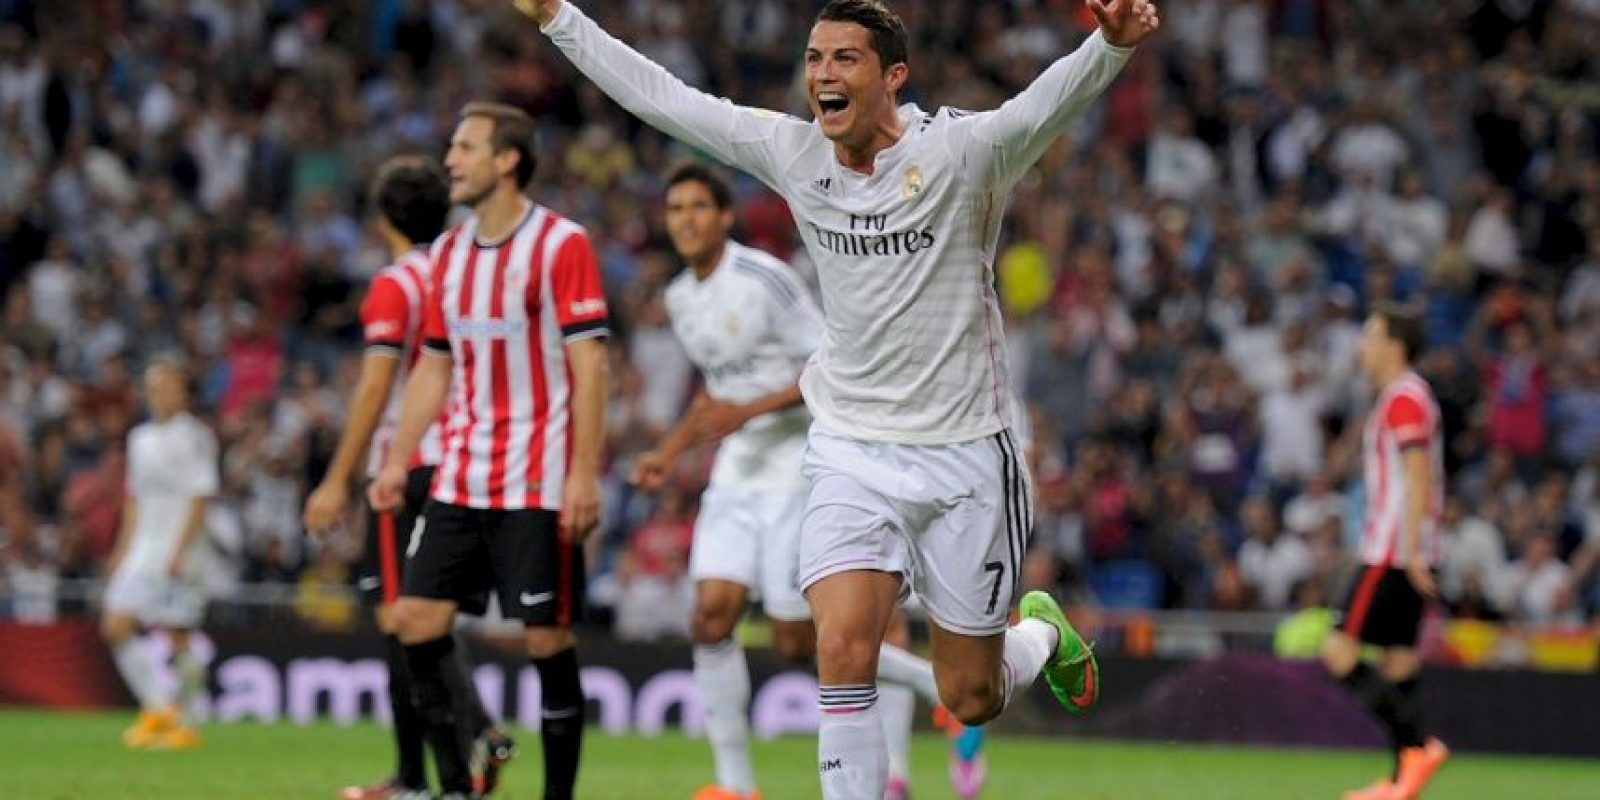 CR7 ahora tiene 29 años y es el líder del Real Madrid Foto:Getty